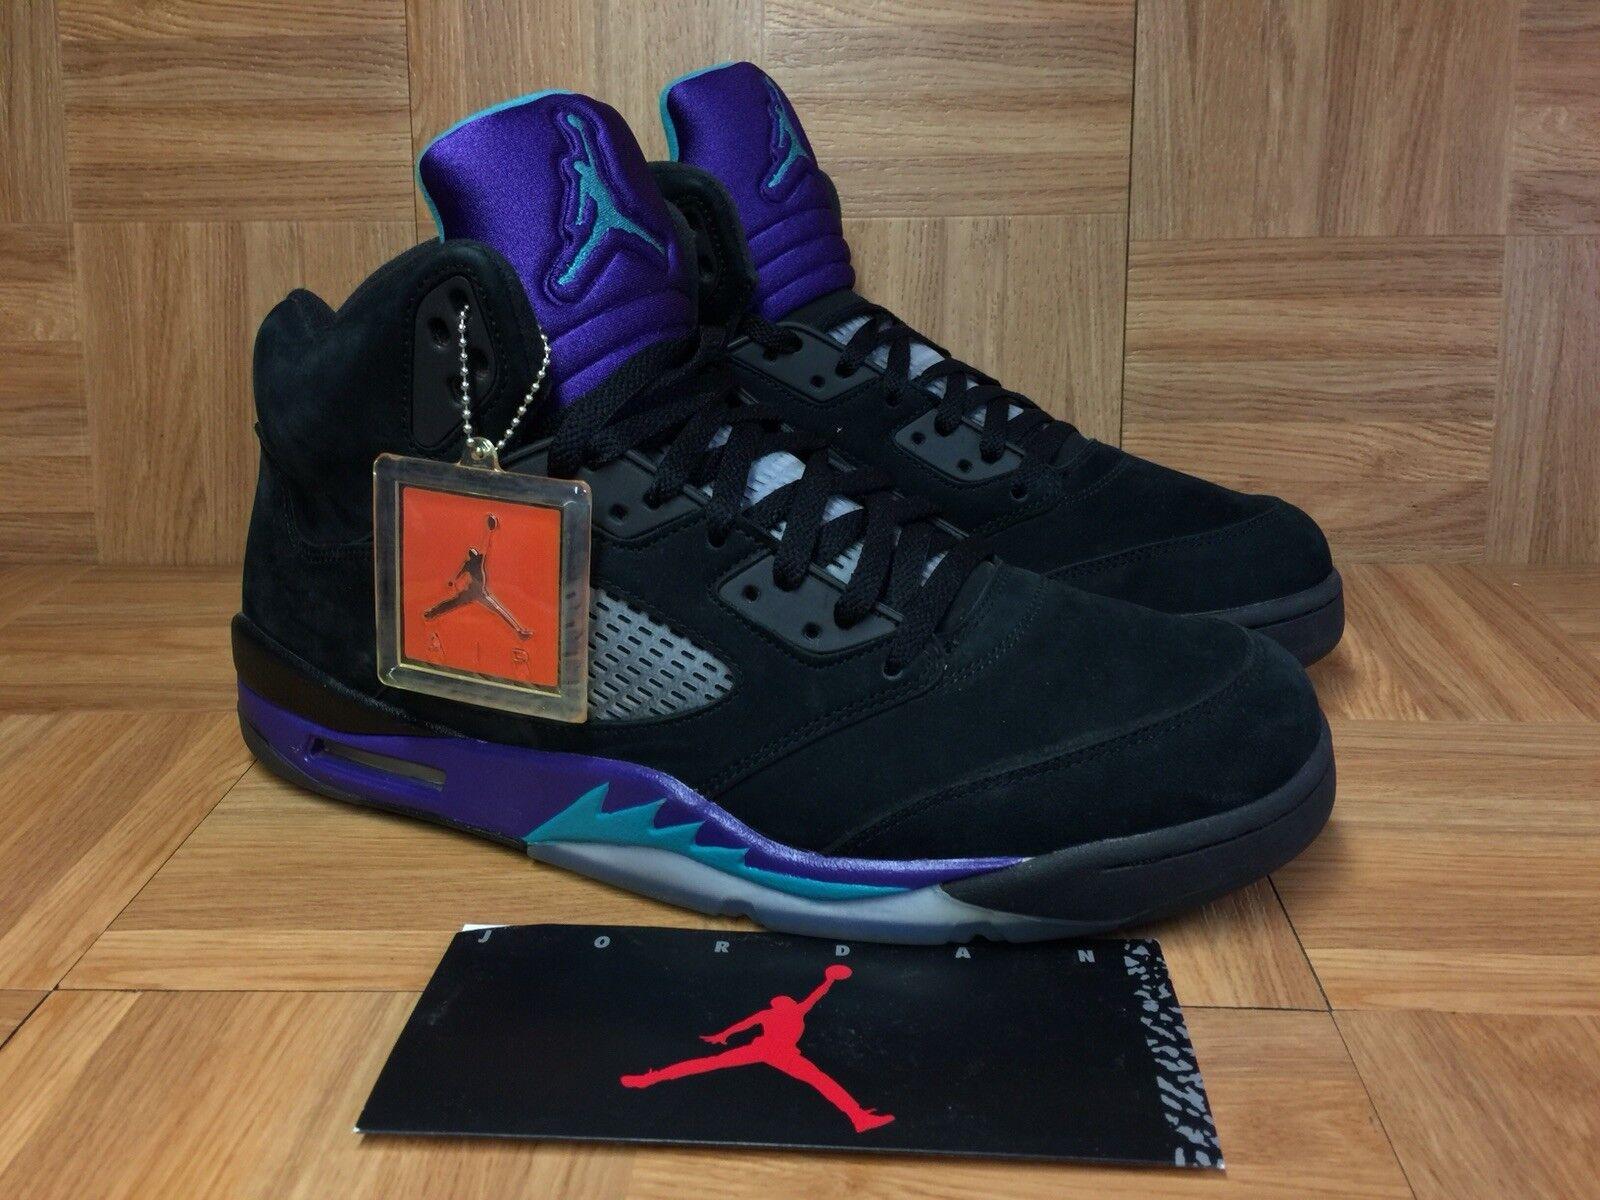 RARE Nike Air Jordan 5 V Black Grape New Emerald Sz 14 136027-007 Men's shoes